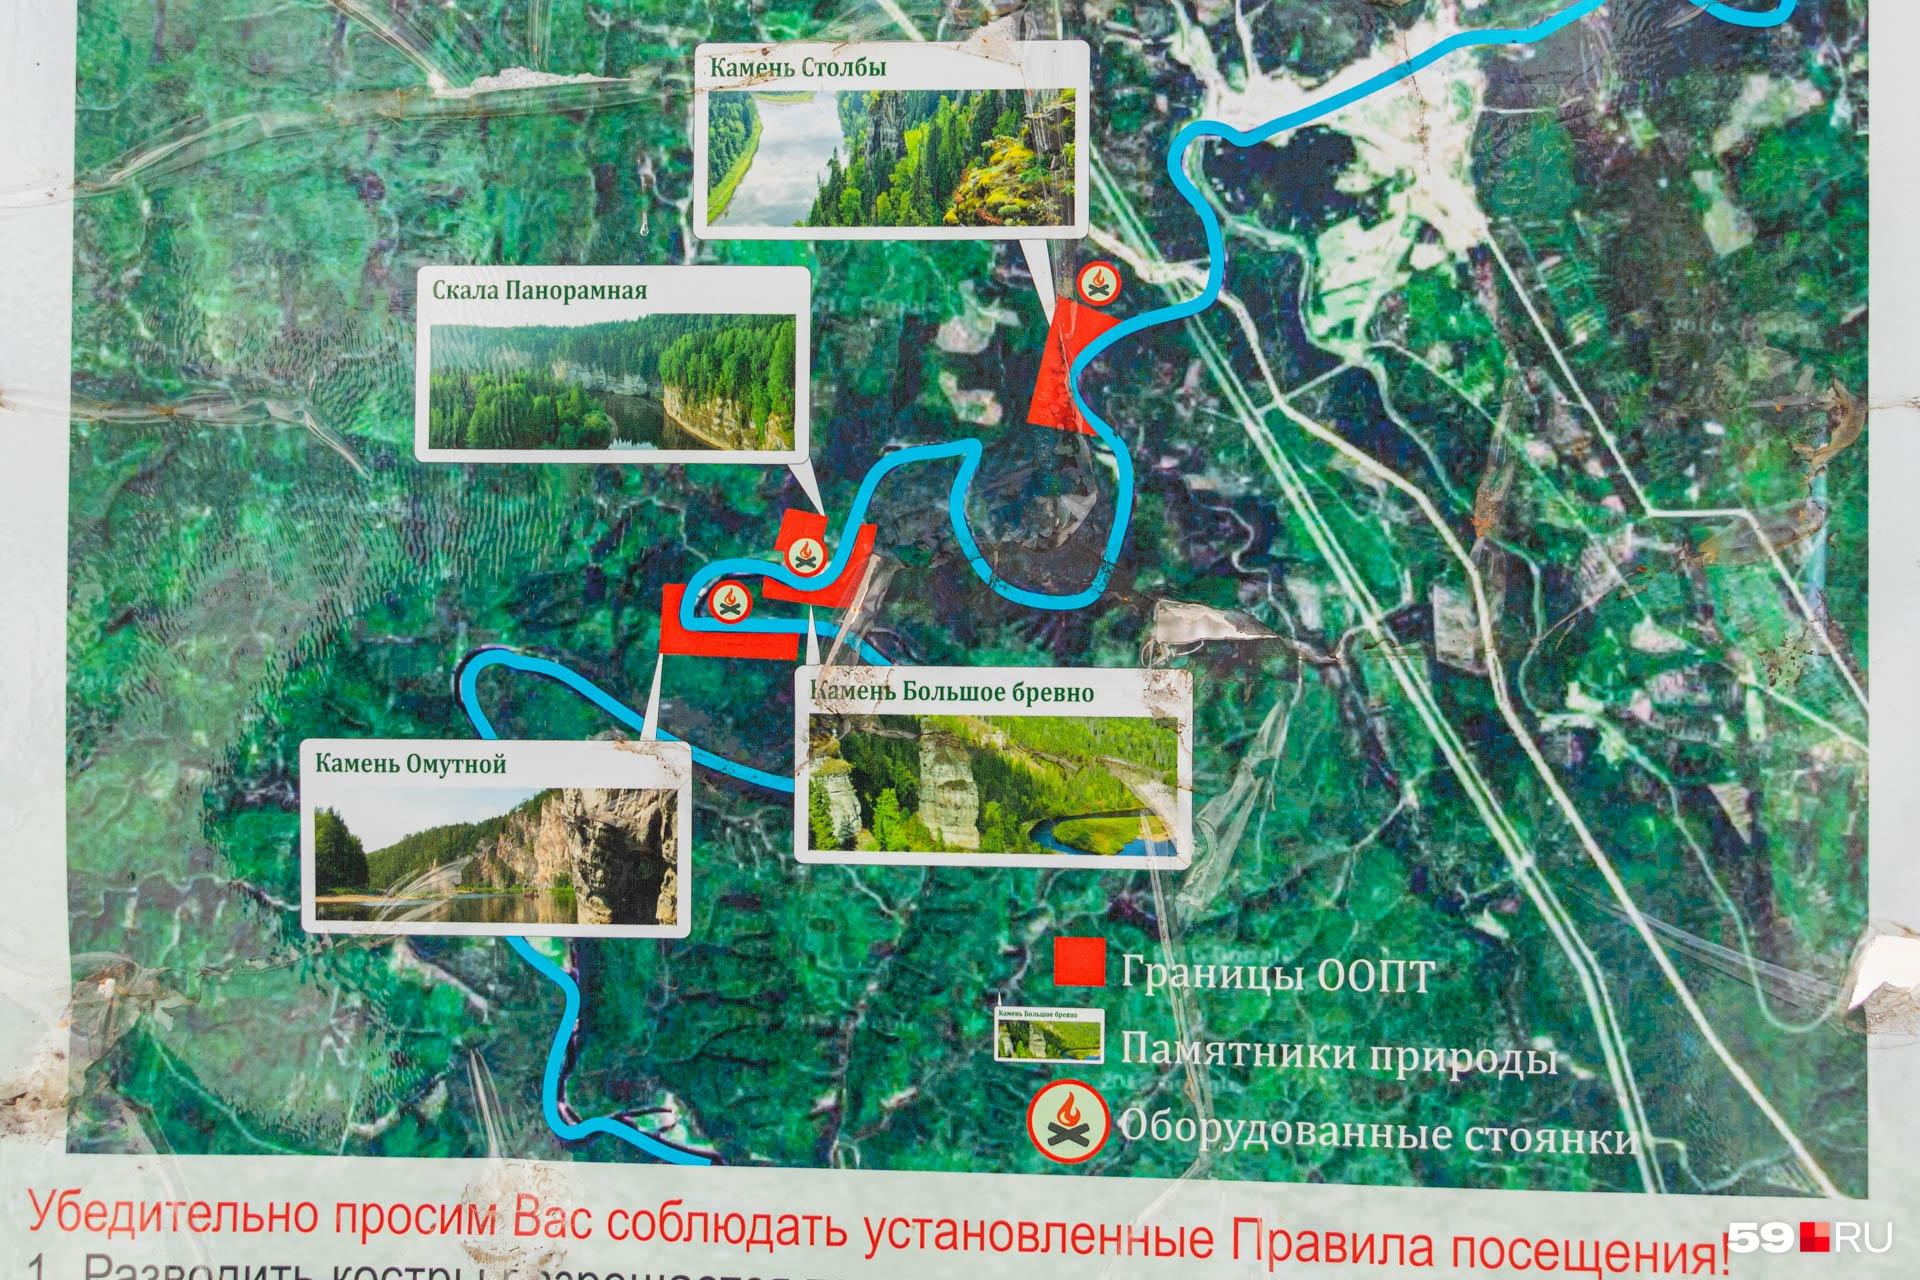 На туристических маршрутах установлены вот такие плакаты-карты